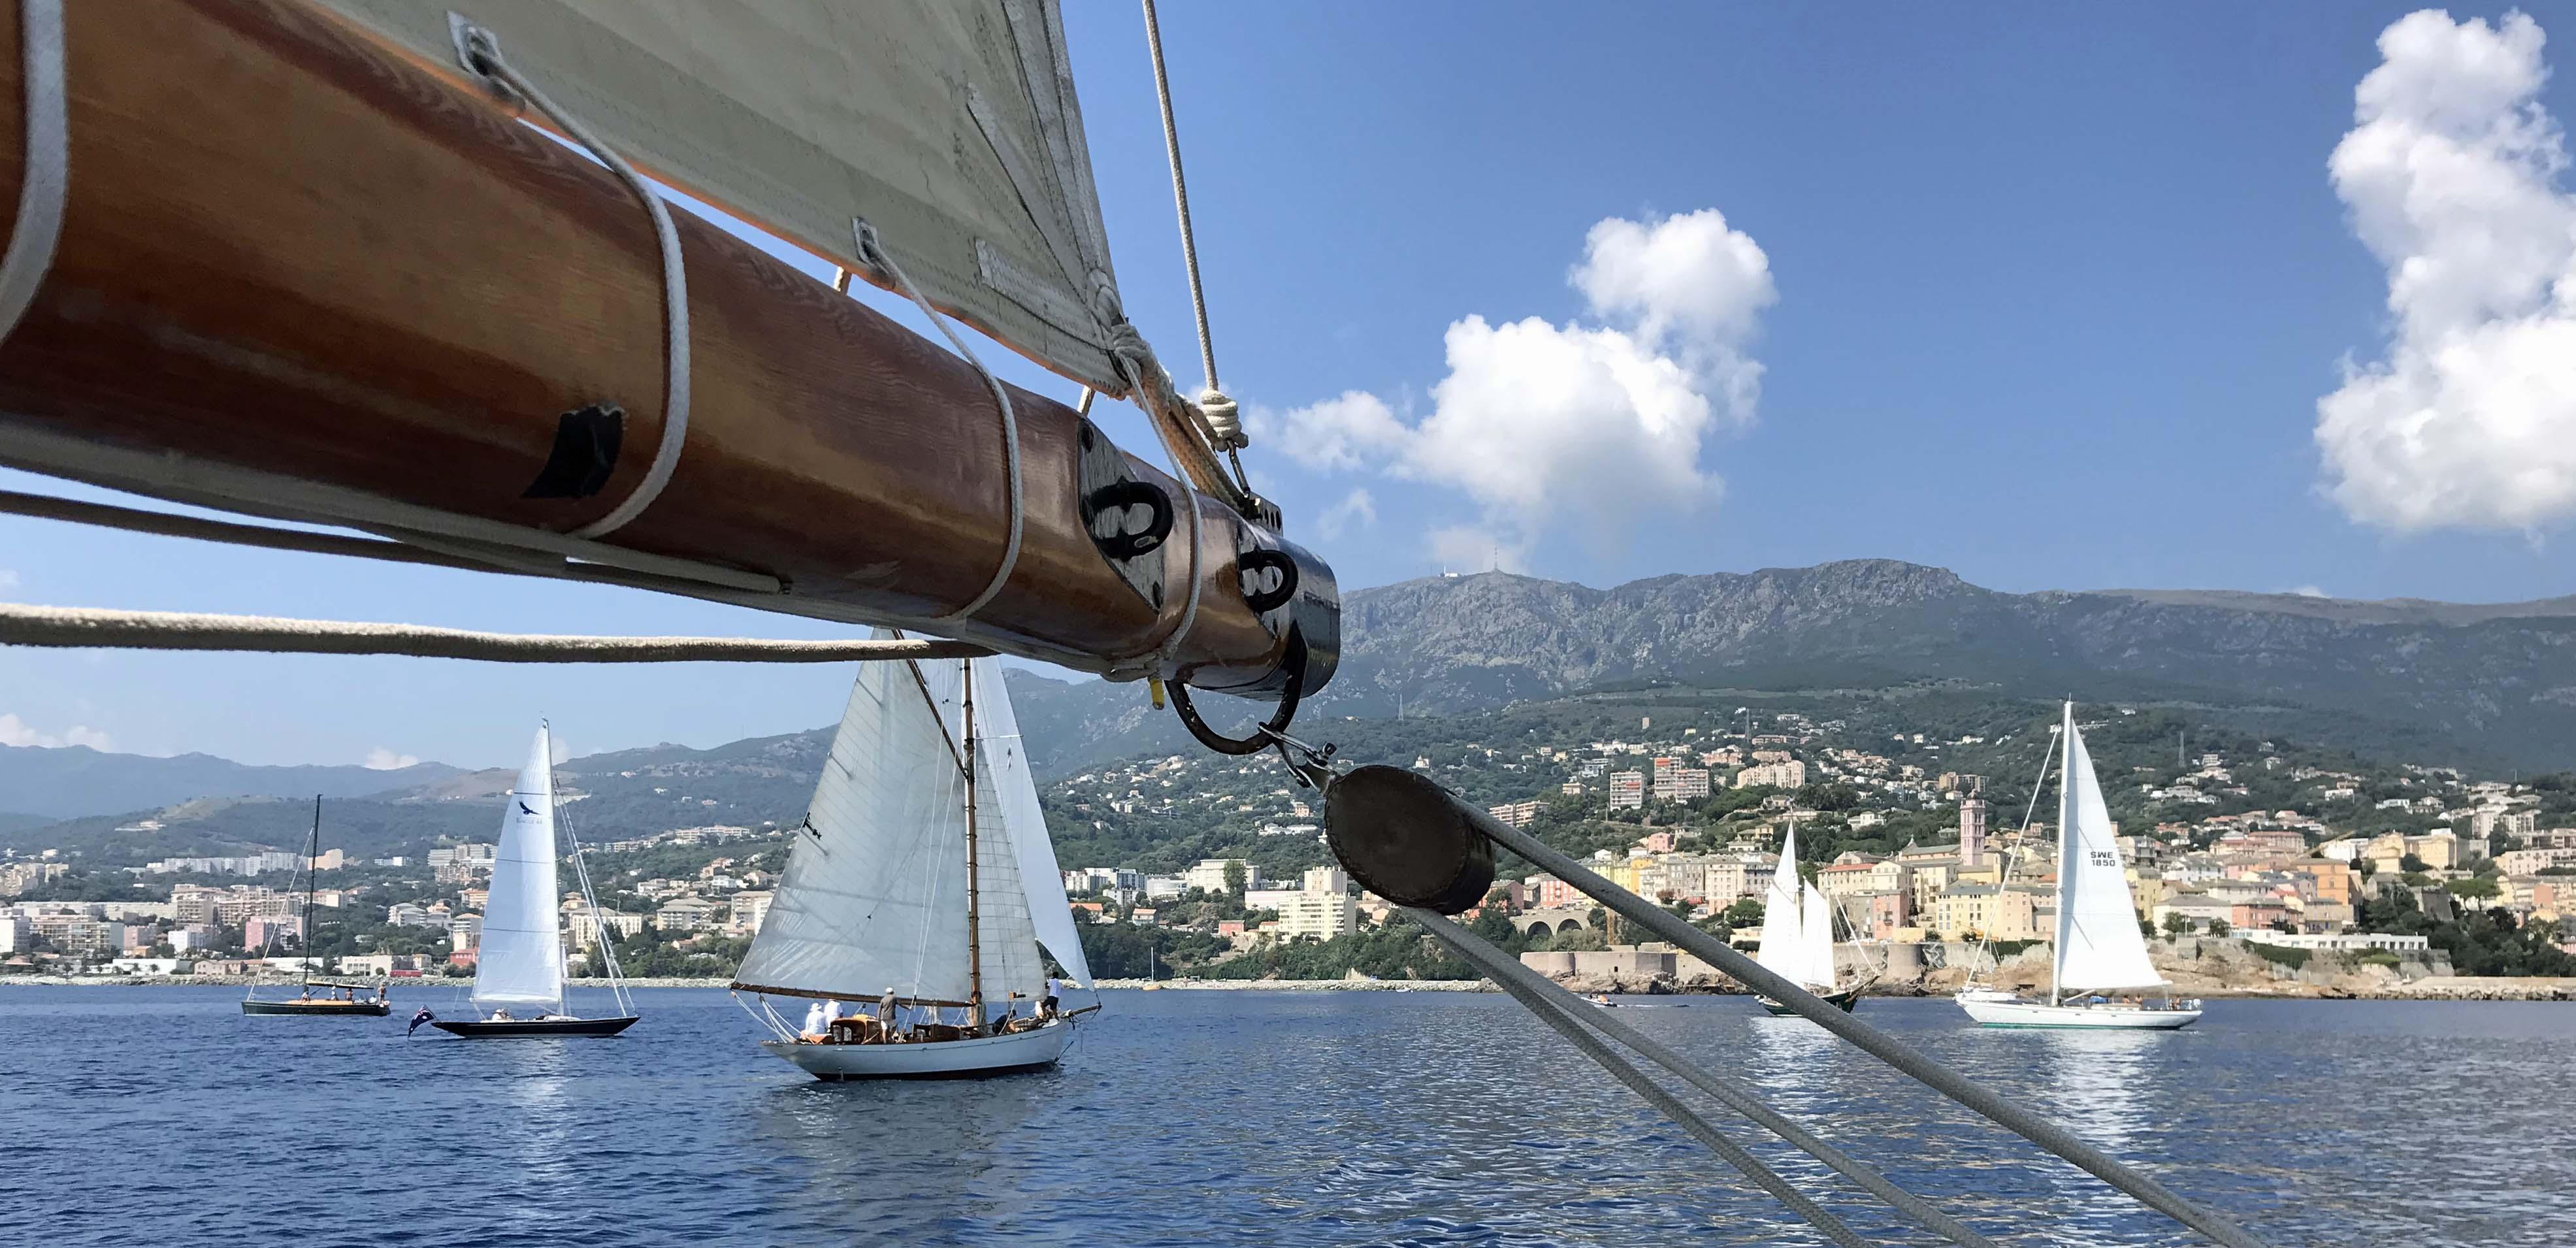 CC 2019 Procedure de départ Bastia Vieux Port - Macinaggio vendredi 30 août photo Thibaud Assante DR